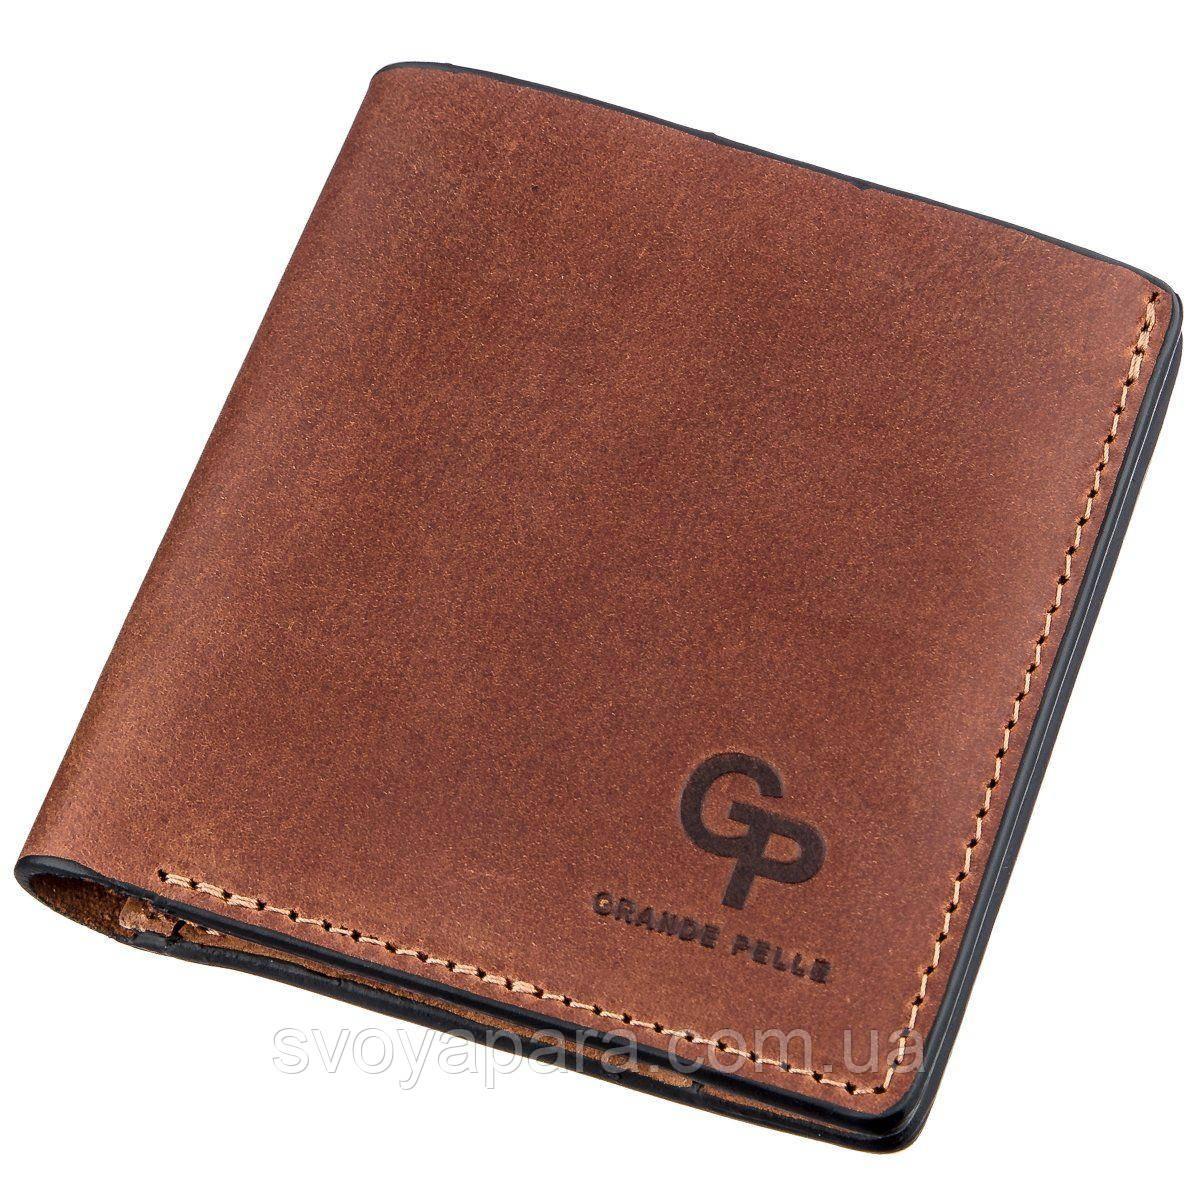 Компактное портмоне унисекс с накладной монетницей GRANDE PELLE 11238 Коричневое